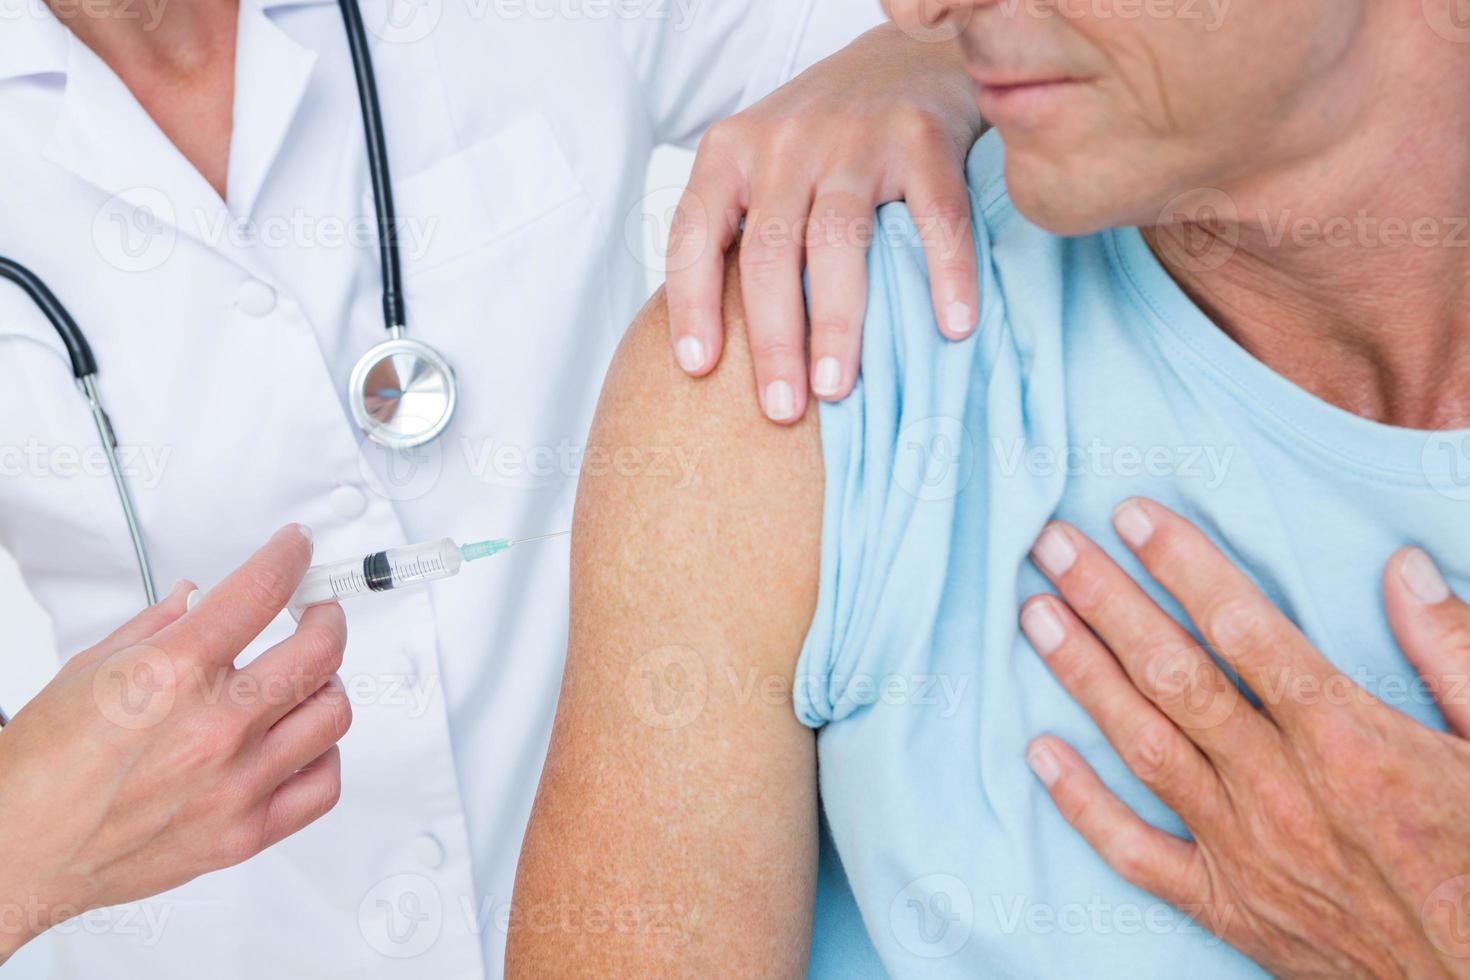 medico che fa un'iniezione al suo paziente foto